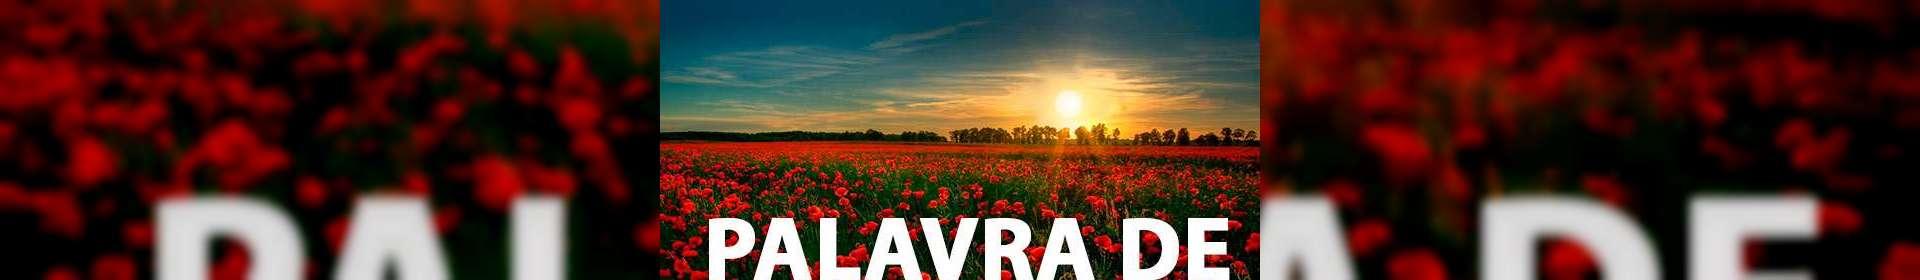 Salmos 91-1,2 - Uma Palavra de Esperança para sua vida